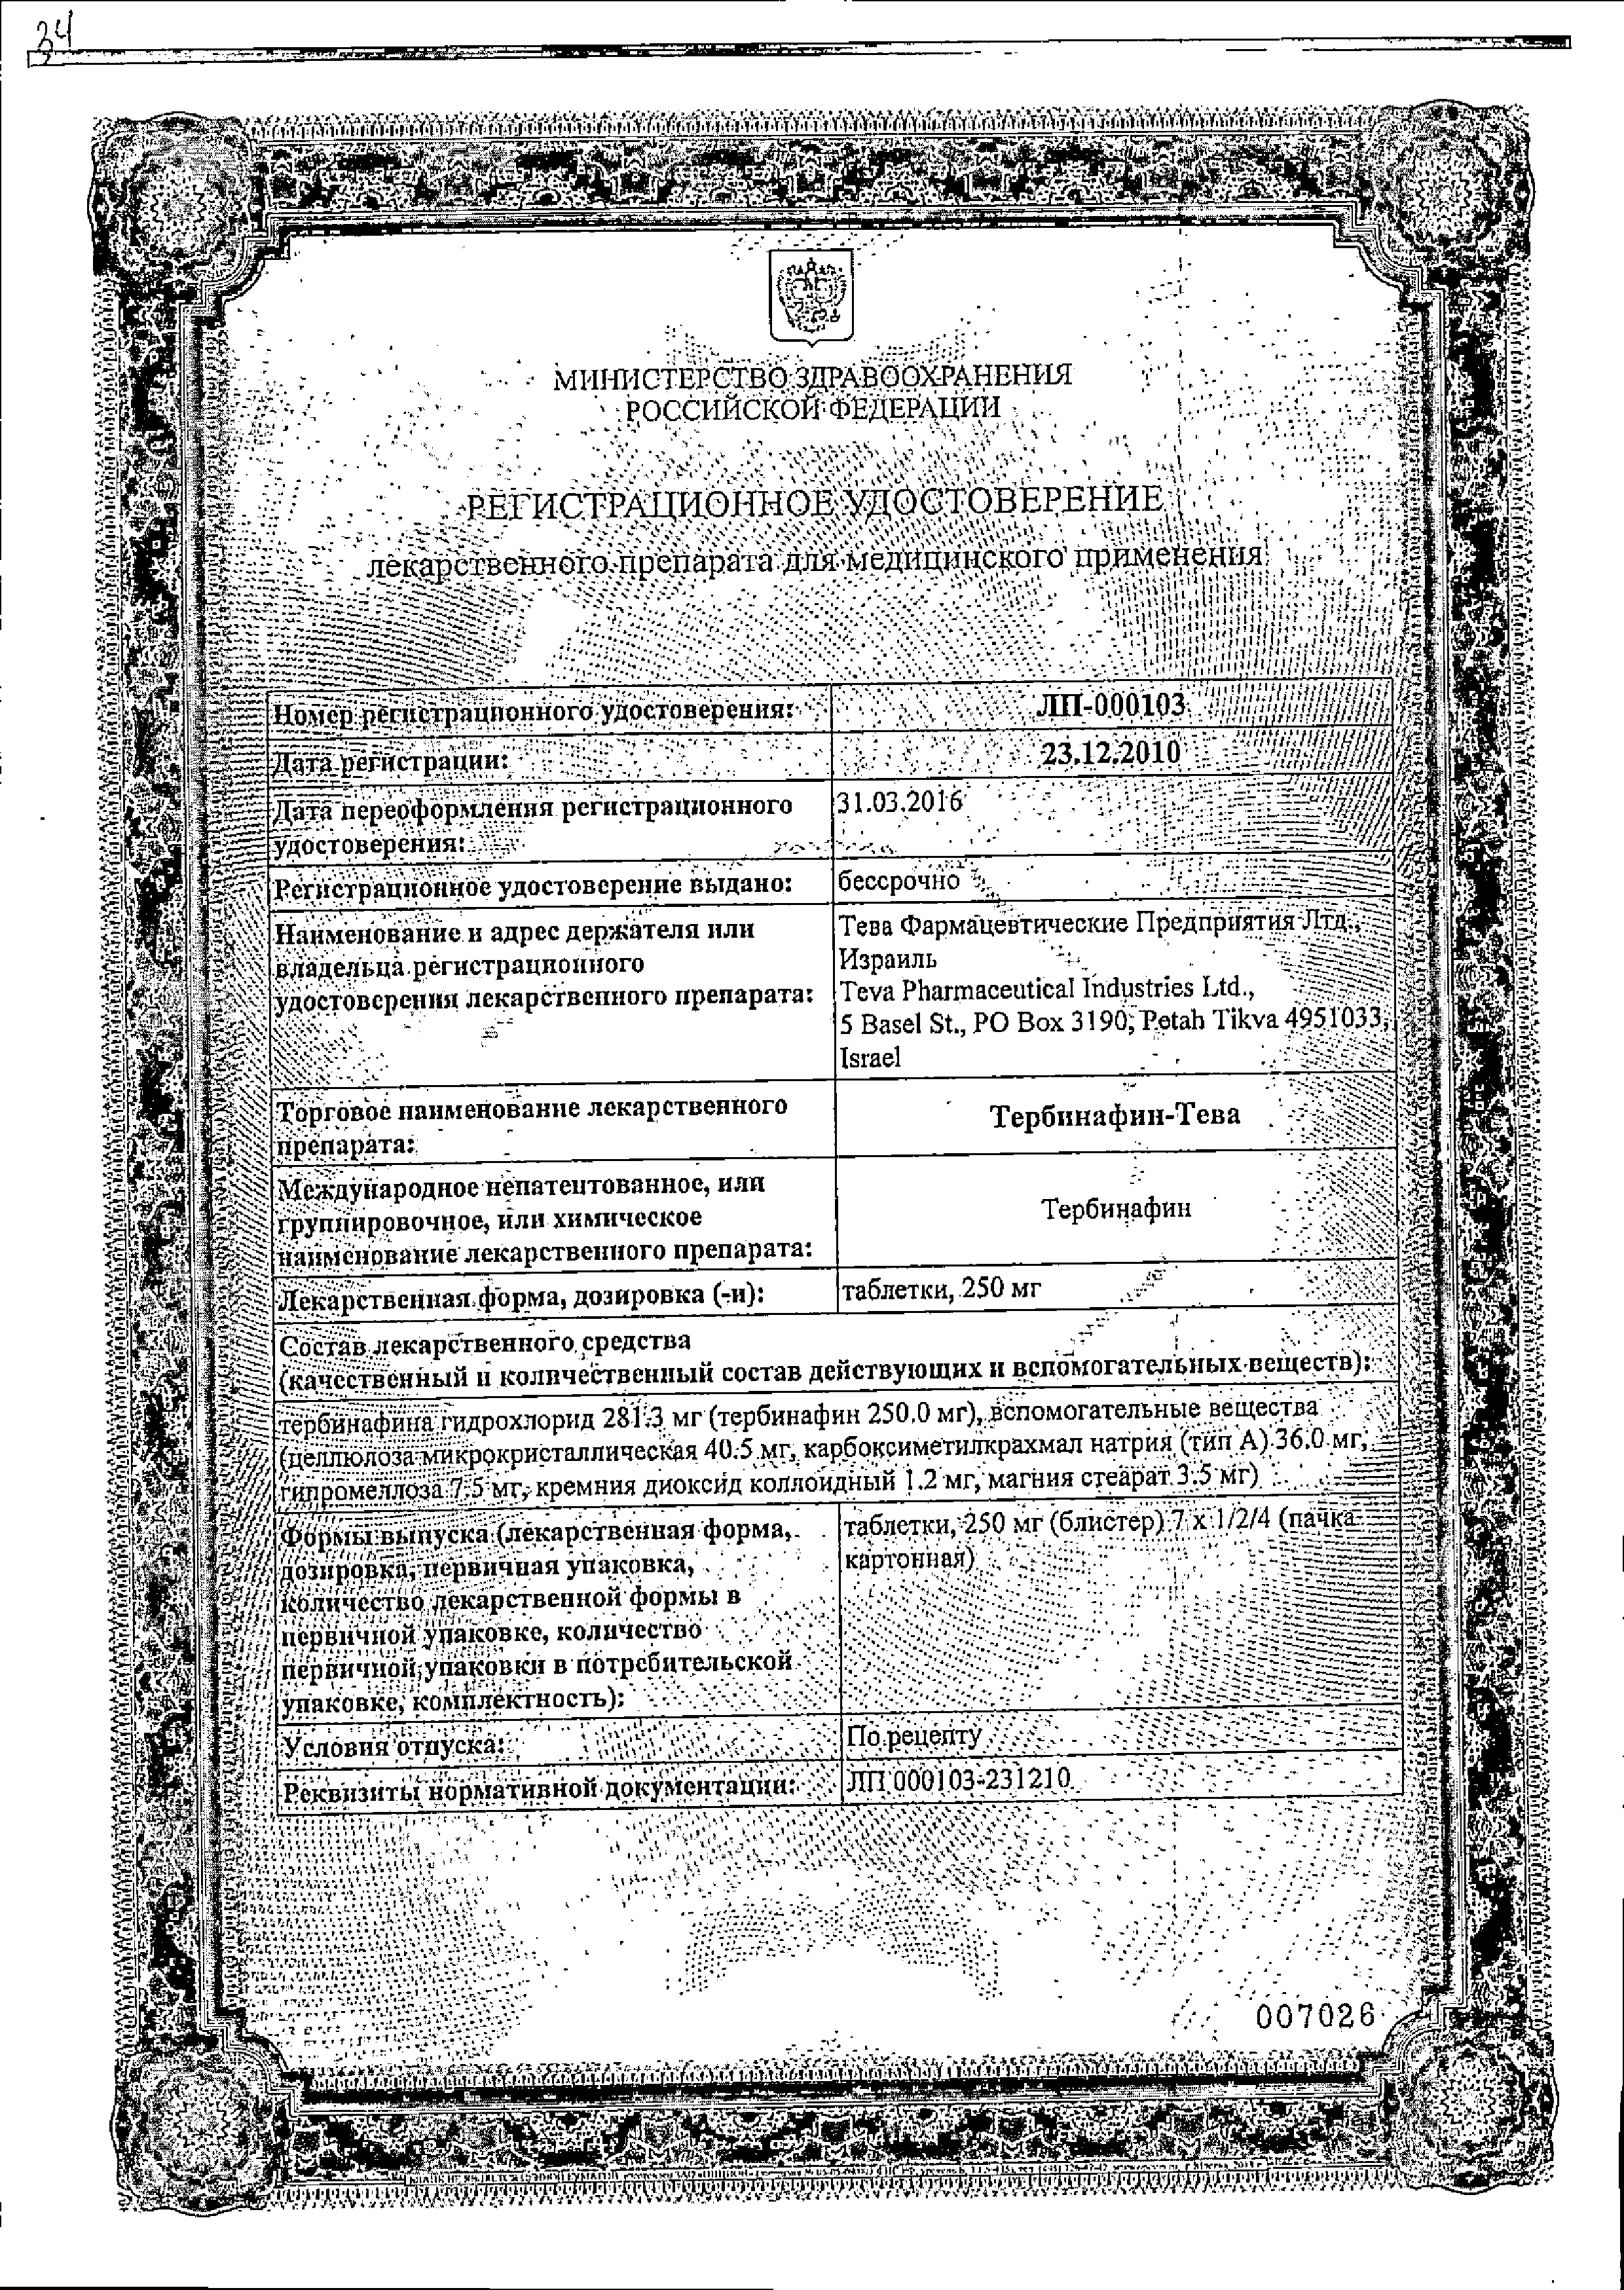 Тербинафин-Тева сертификат